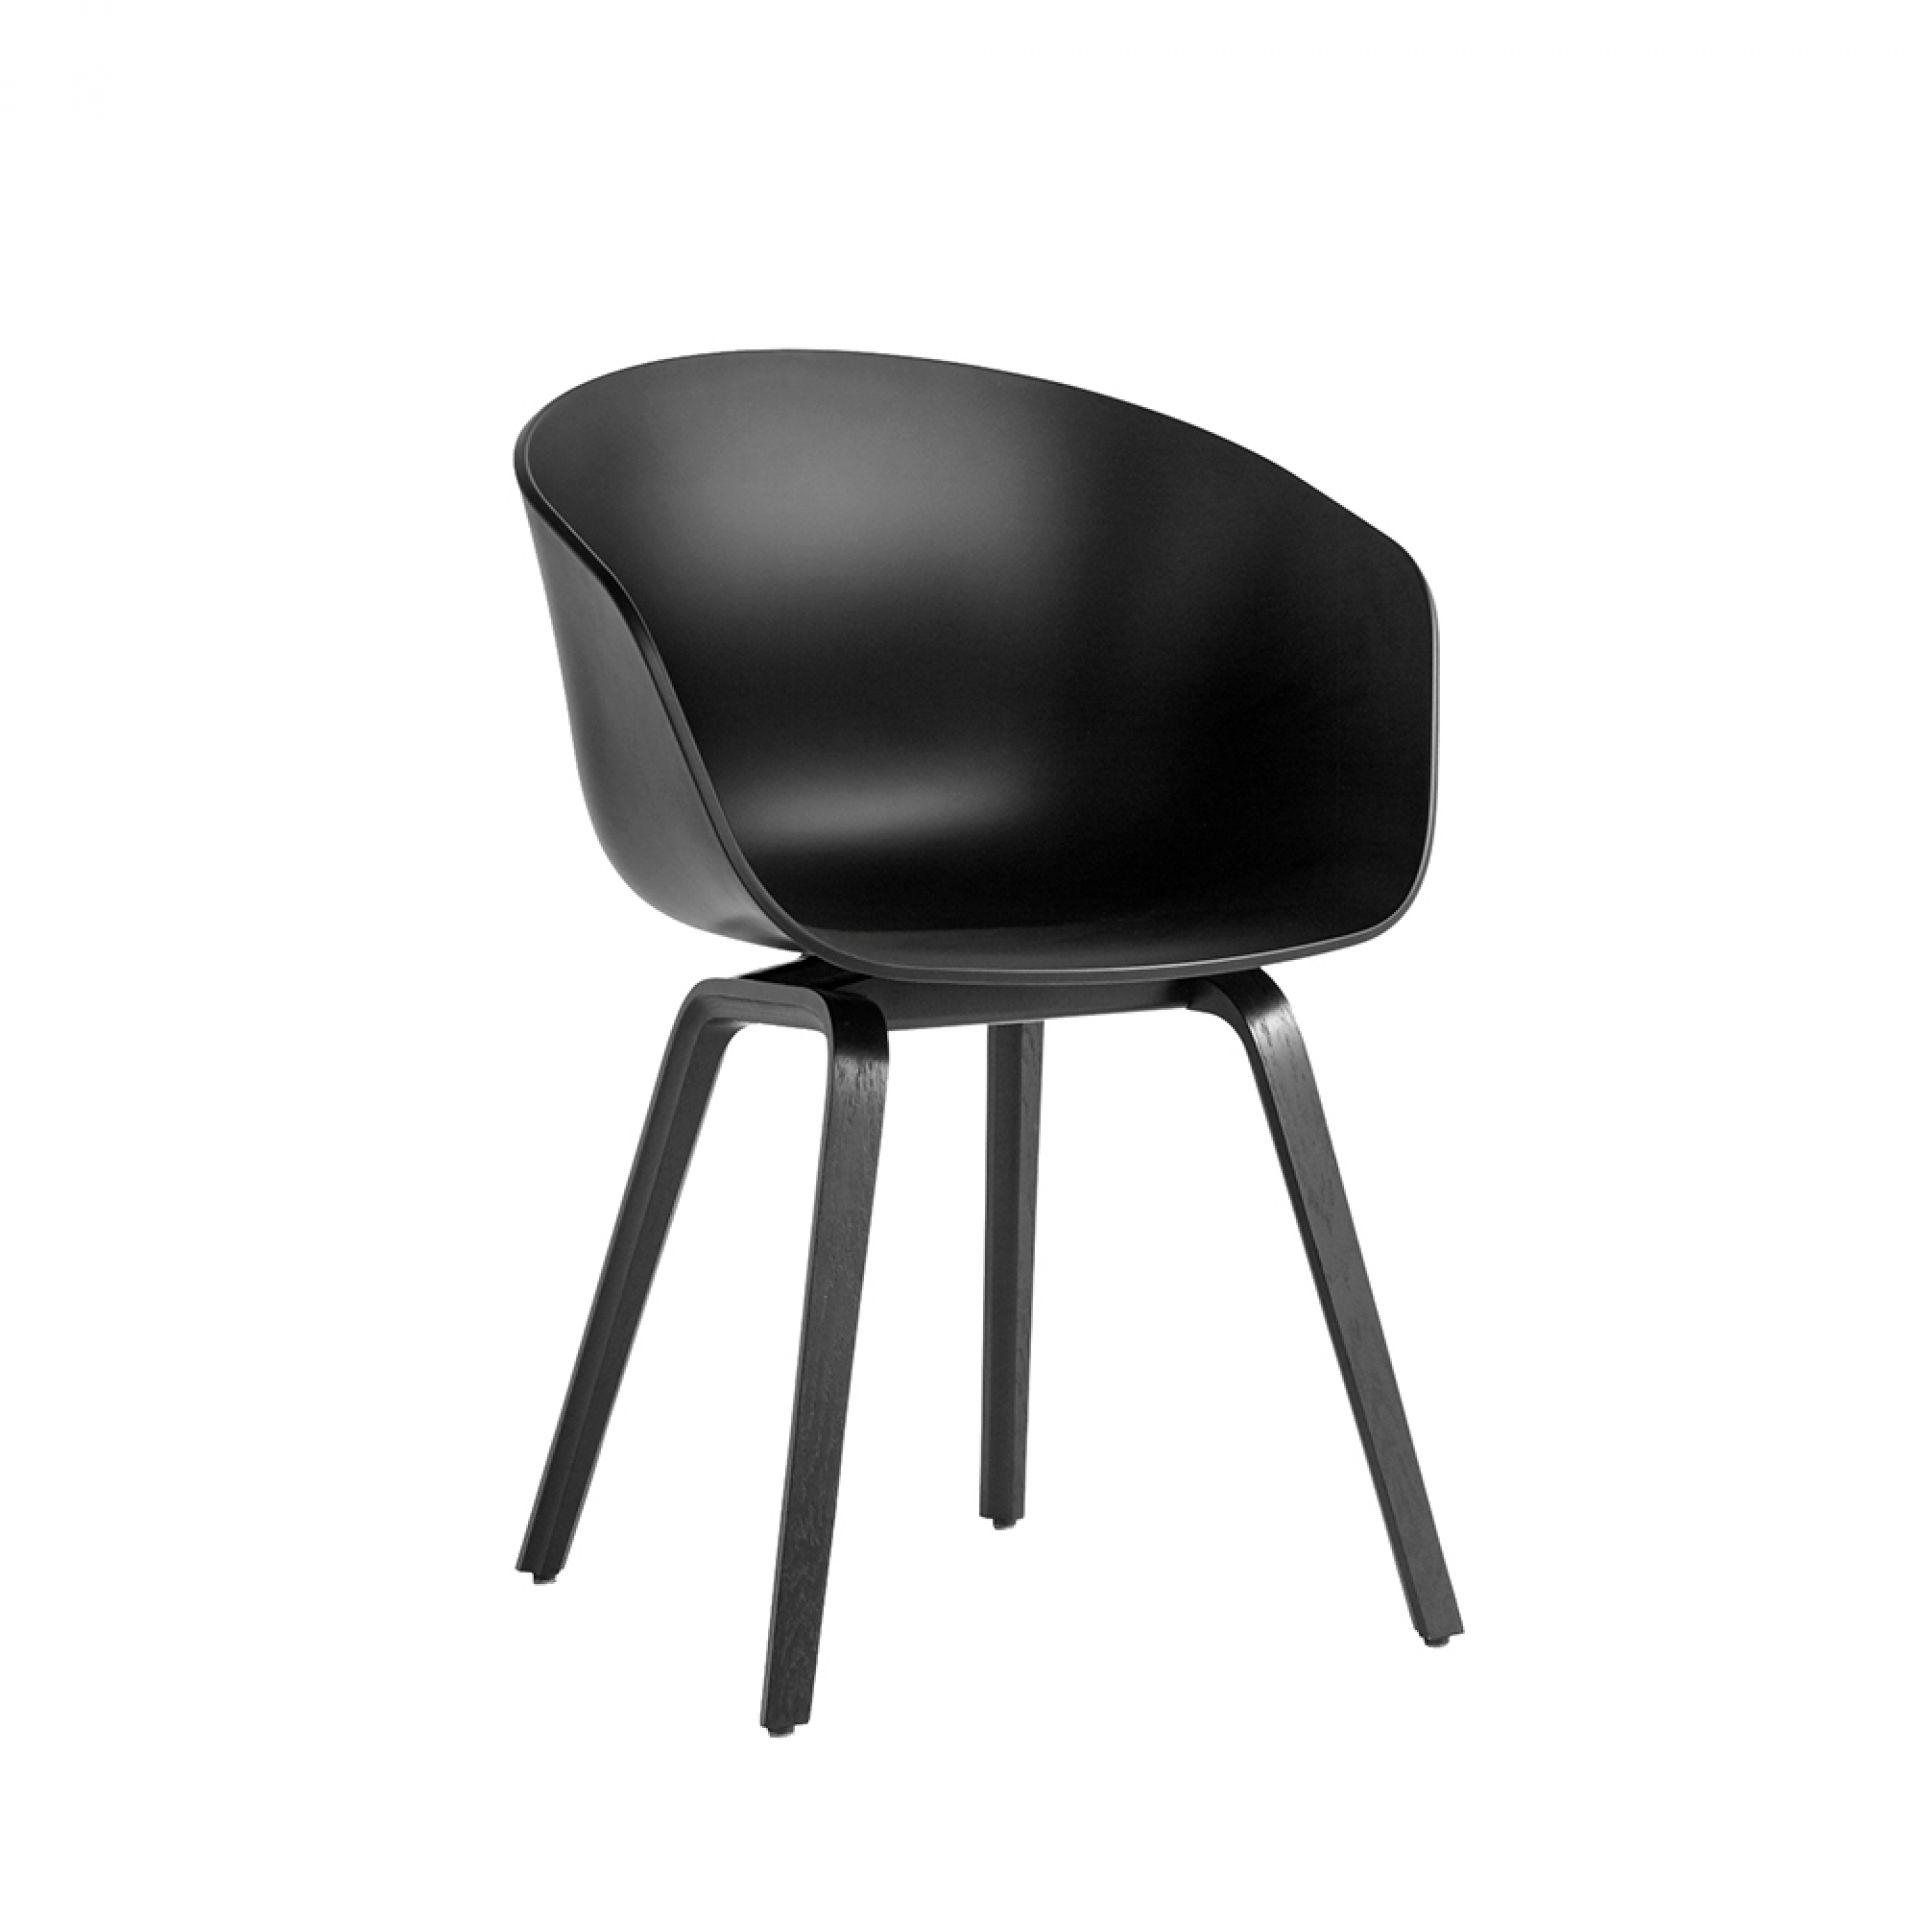 About A Chair AAC22 / AAC 22 Schwarz Stuhl Hay EINZELSTÜCK